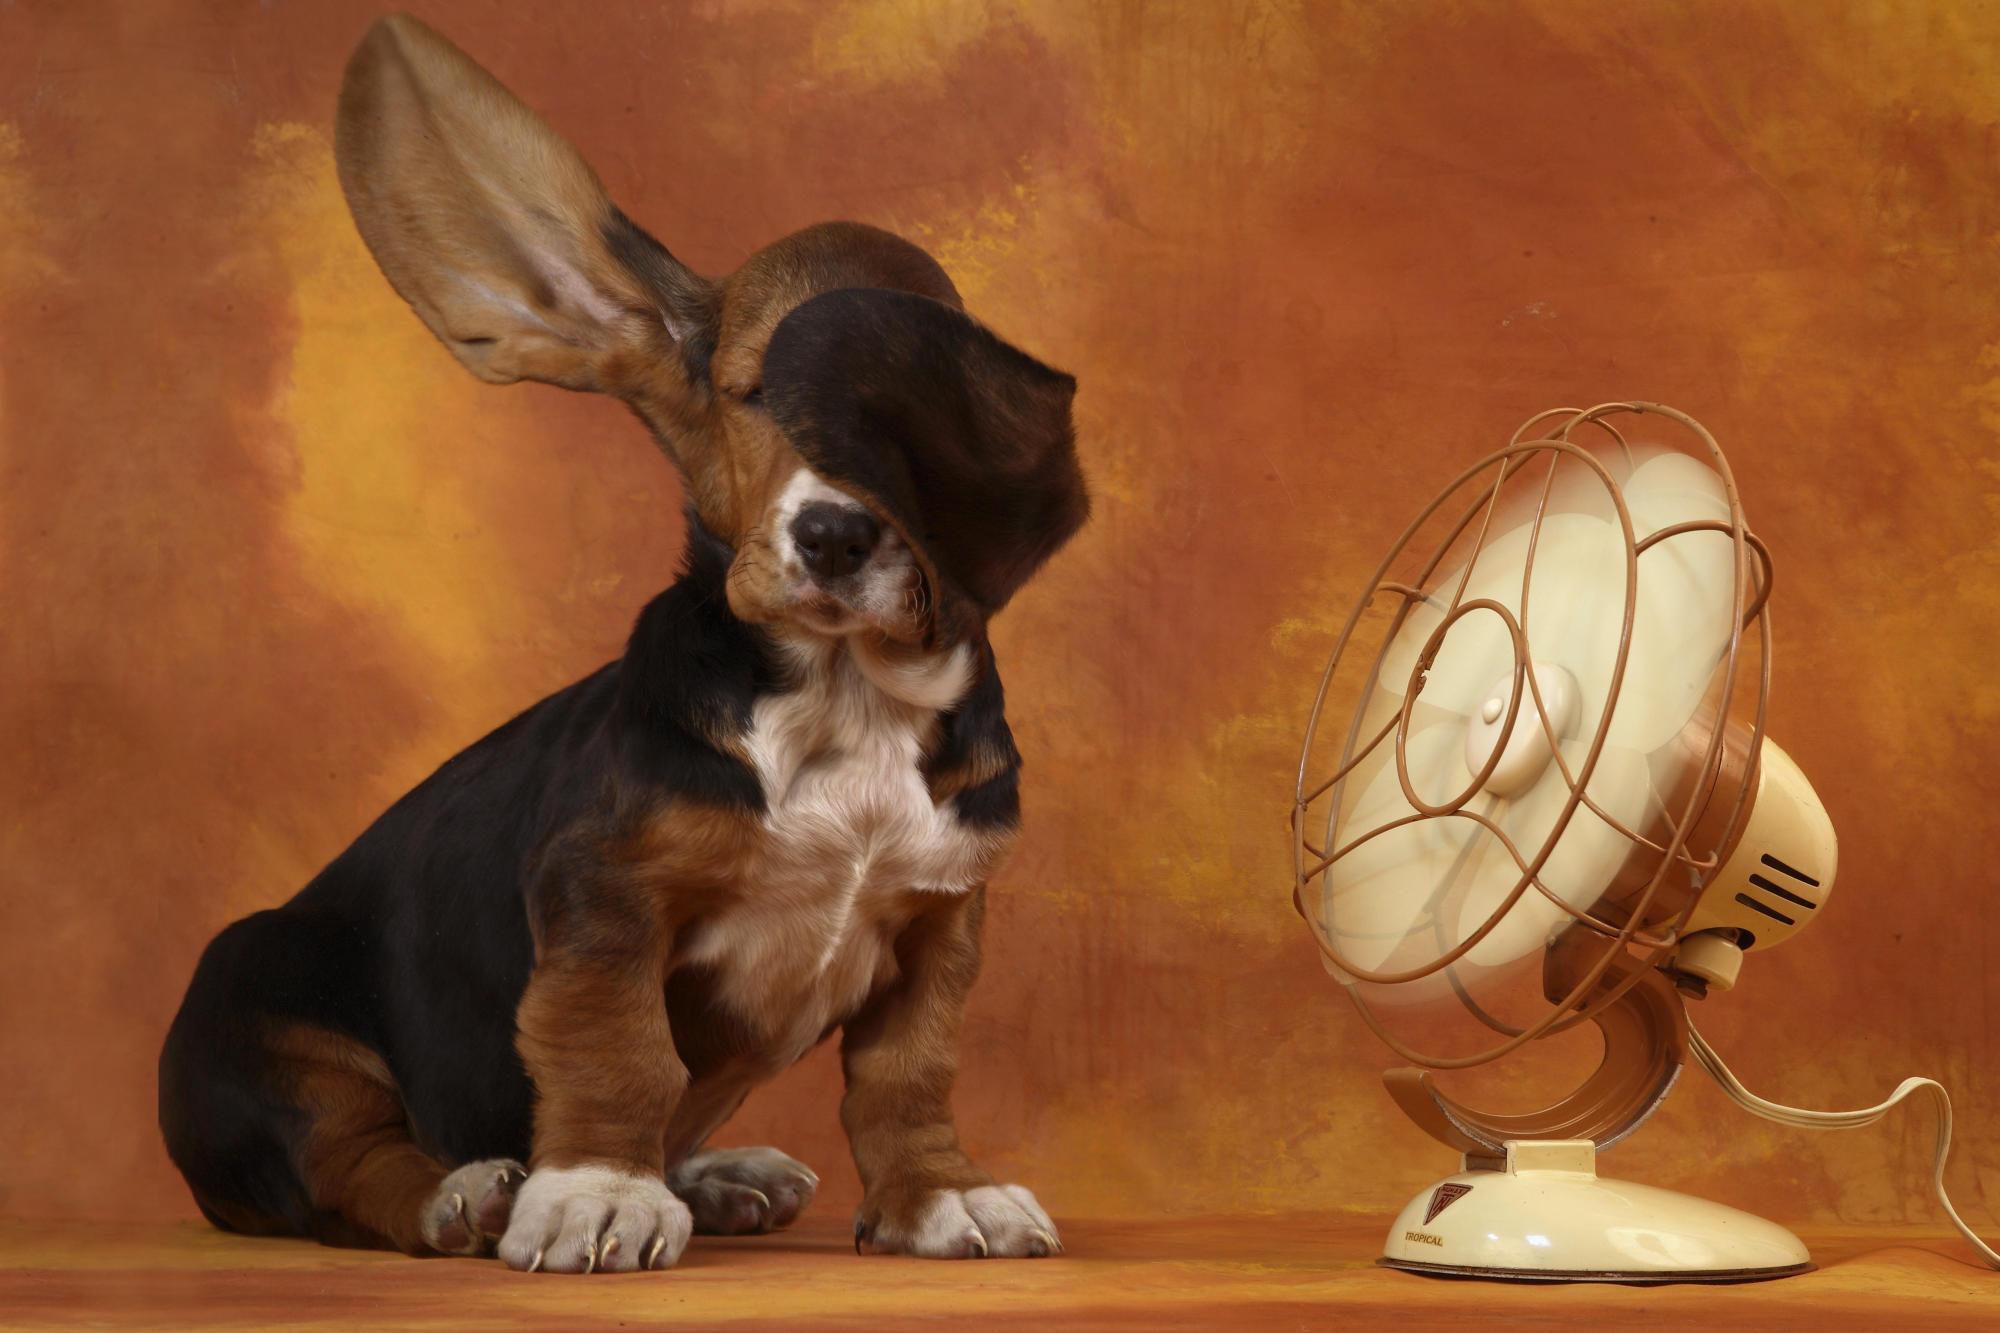 Apple Mac Desktop Wallpapers HD Funny Doggy Desktop Cute Apple Animal 2000x1333